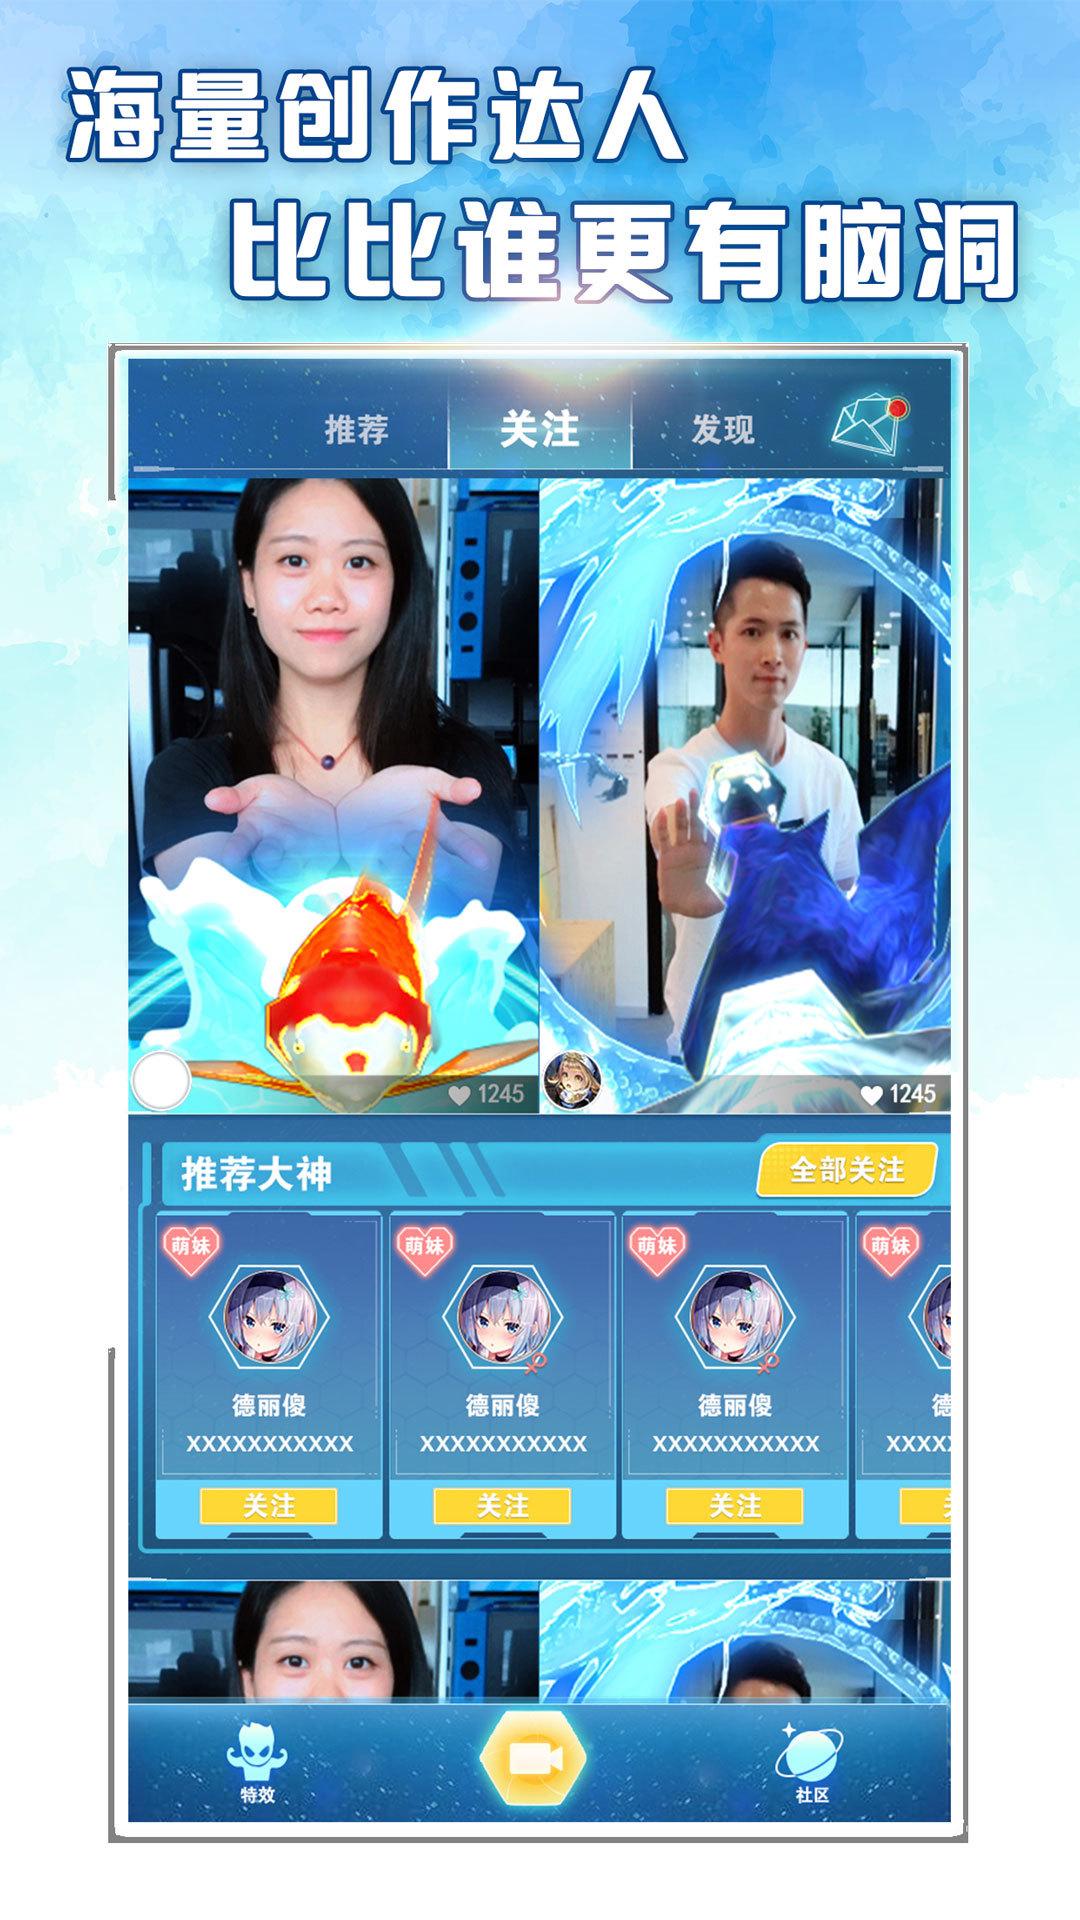 闪光短视频app手机版图3: